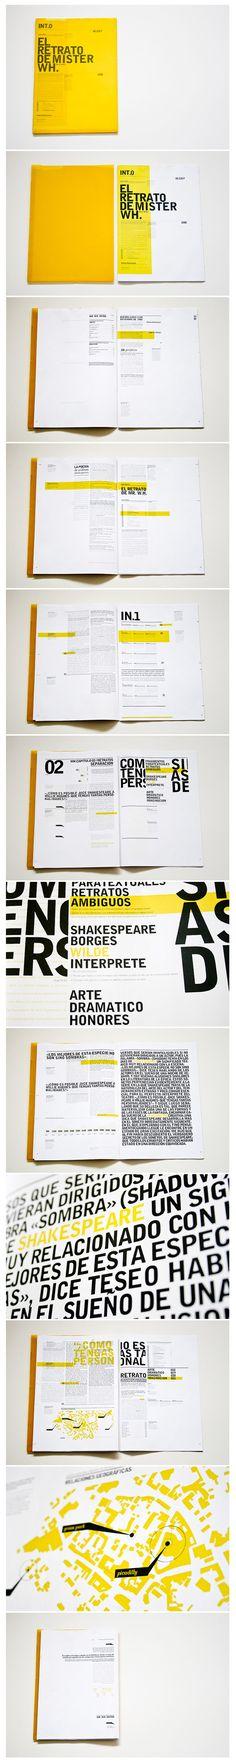 http://www.behance.net/Gallery/Oscar_Wilde_Retrospective/135247